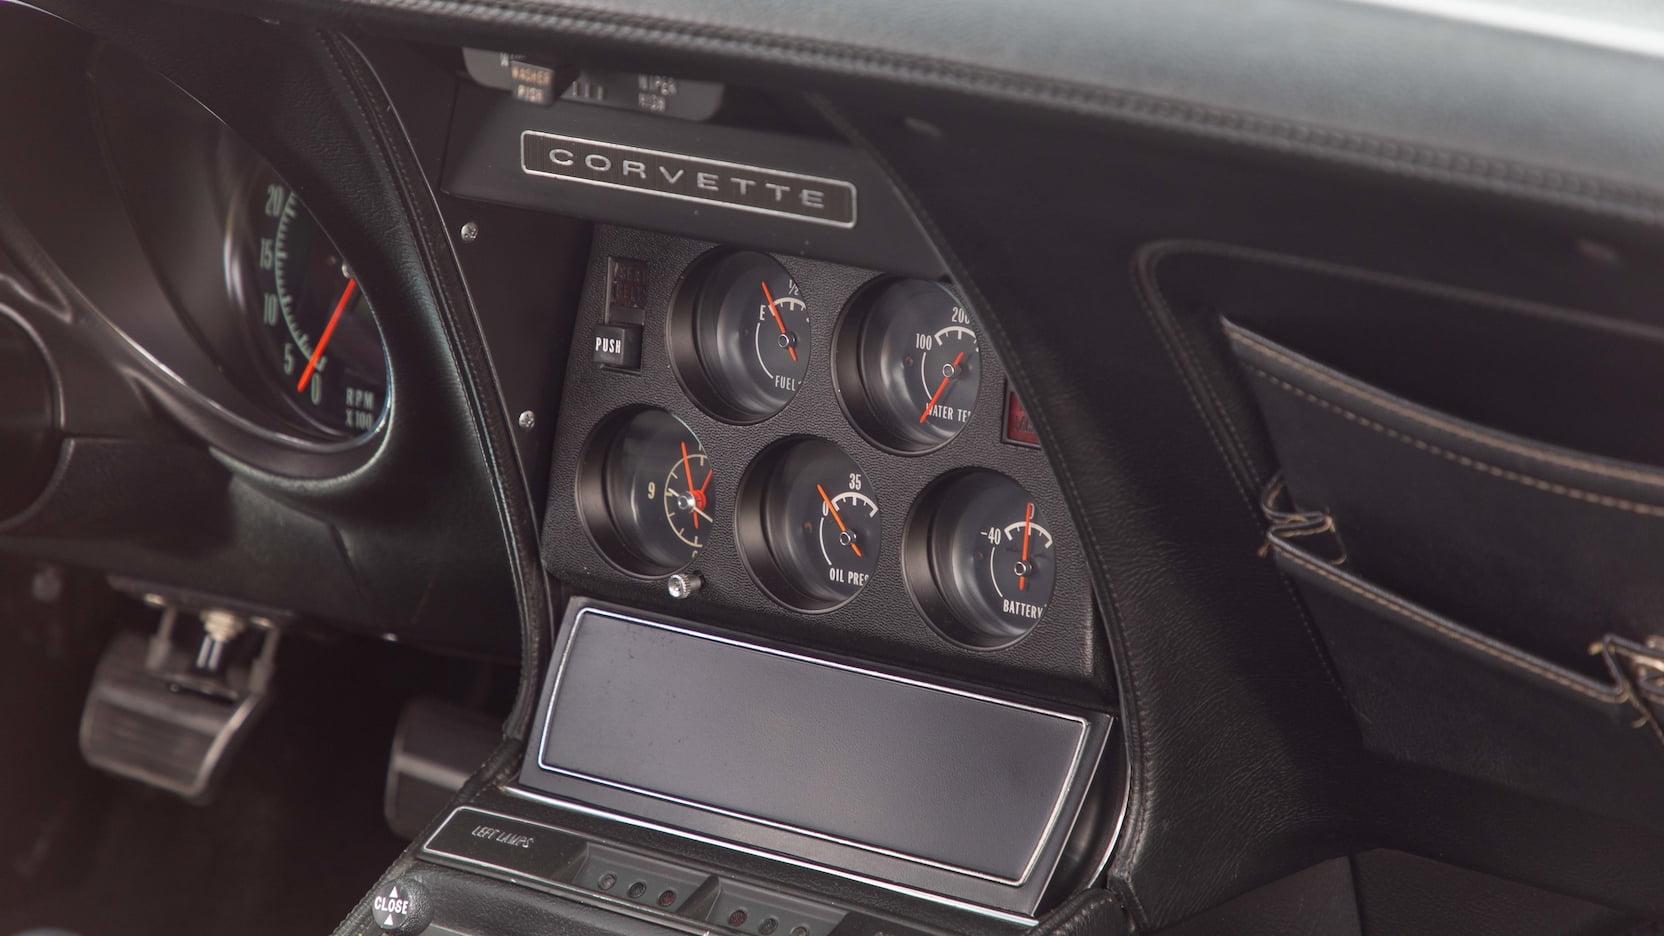 1971 Chevrolet Corvette ZR2 gauges